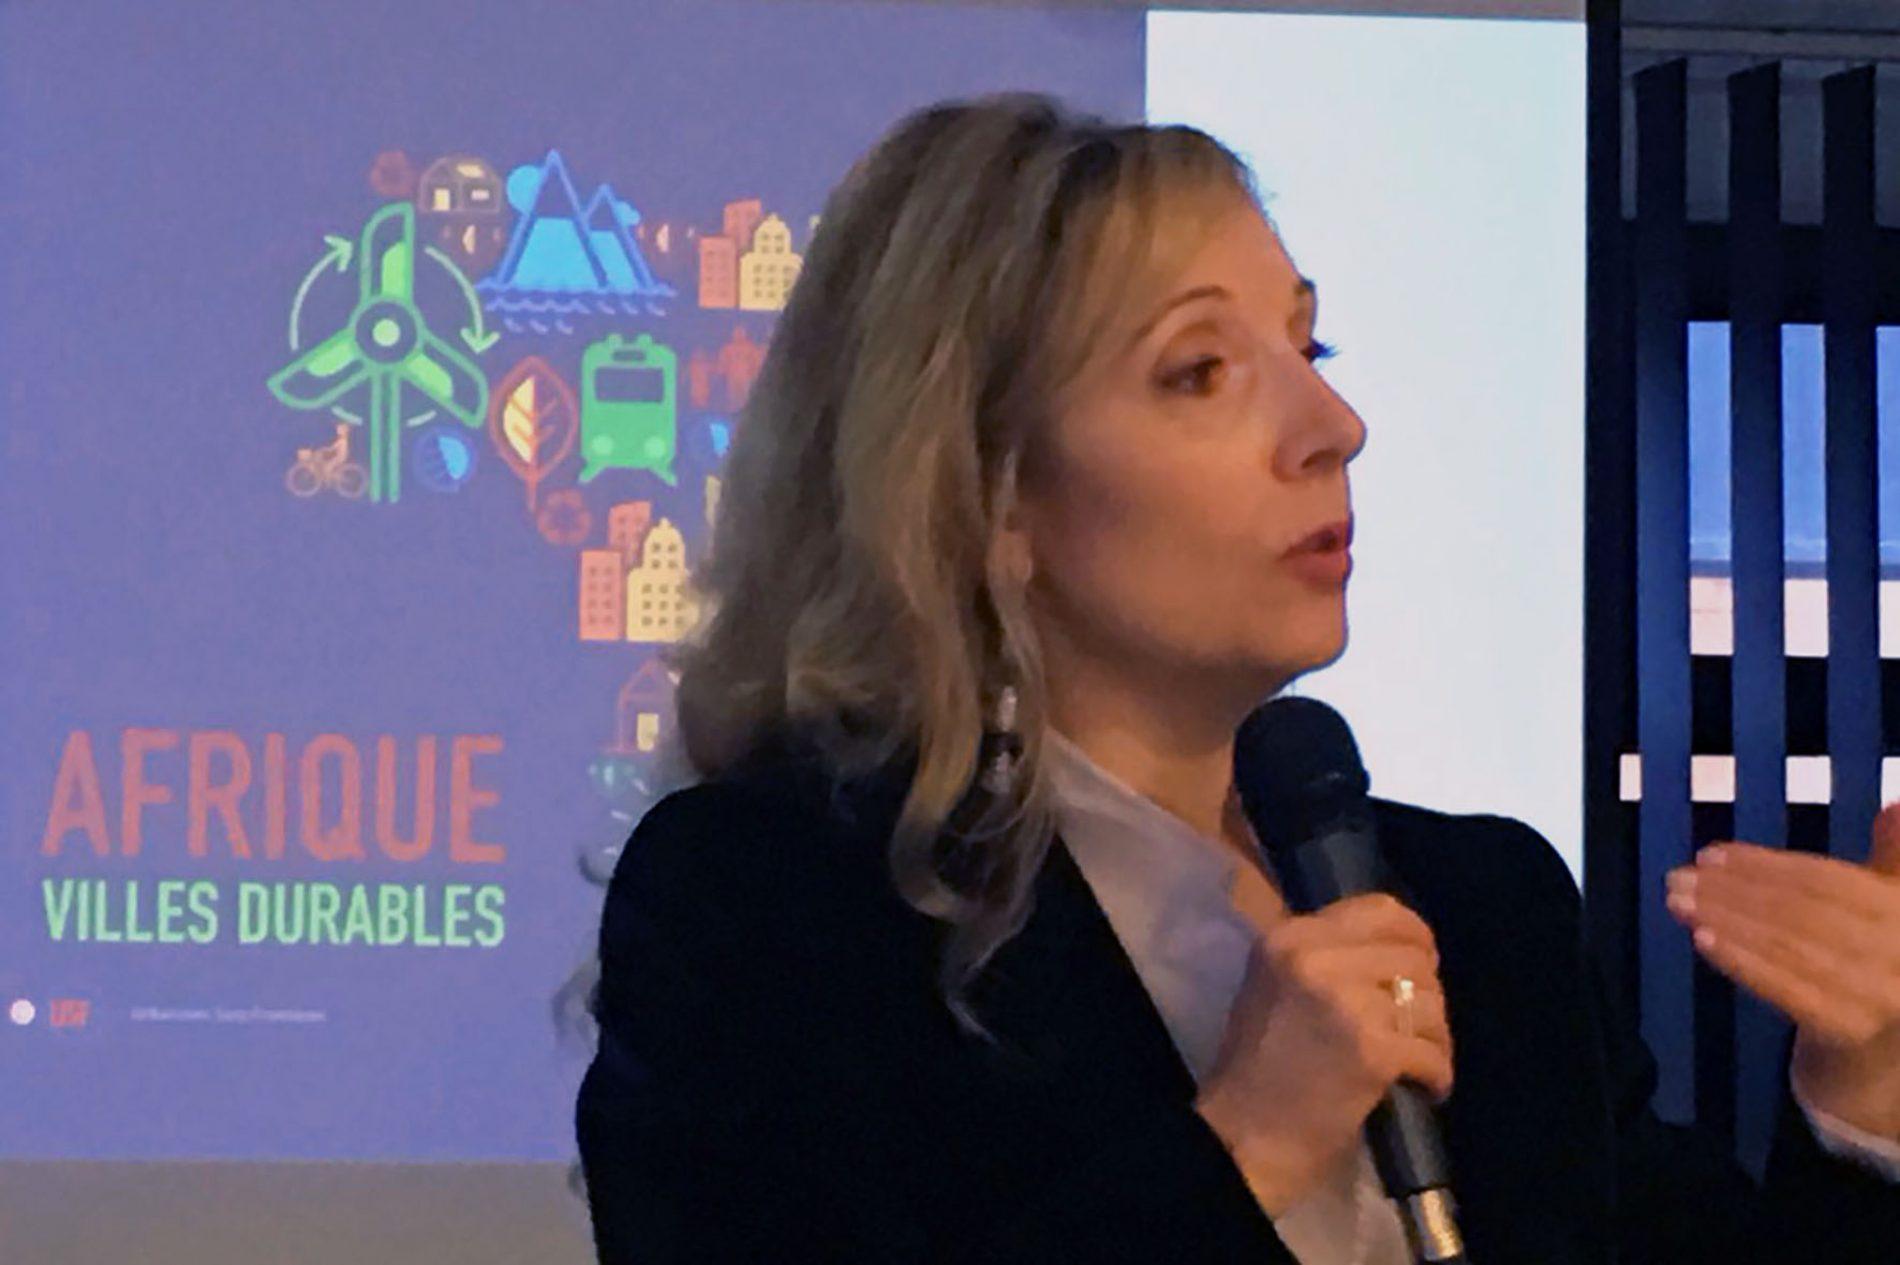 """Maggie Cazal: """"les deux difficultés majeures auxquelles font face les villes africaines sont la gouvernance et la financiarisation de la ville durable"""""""